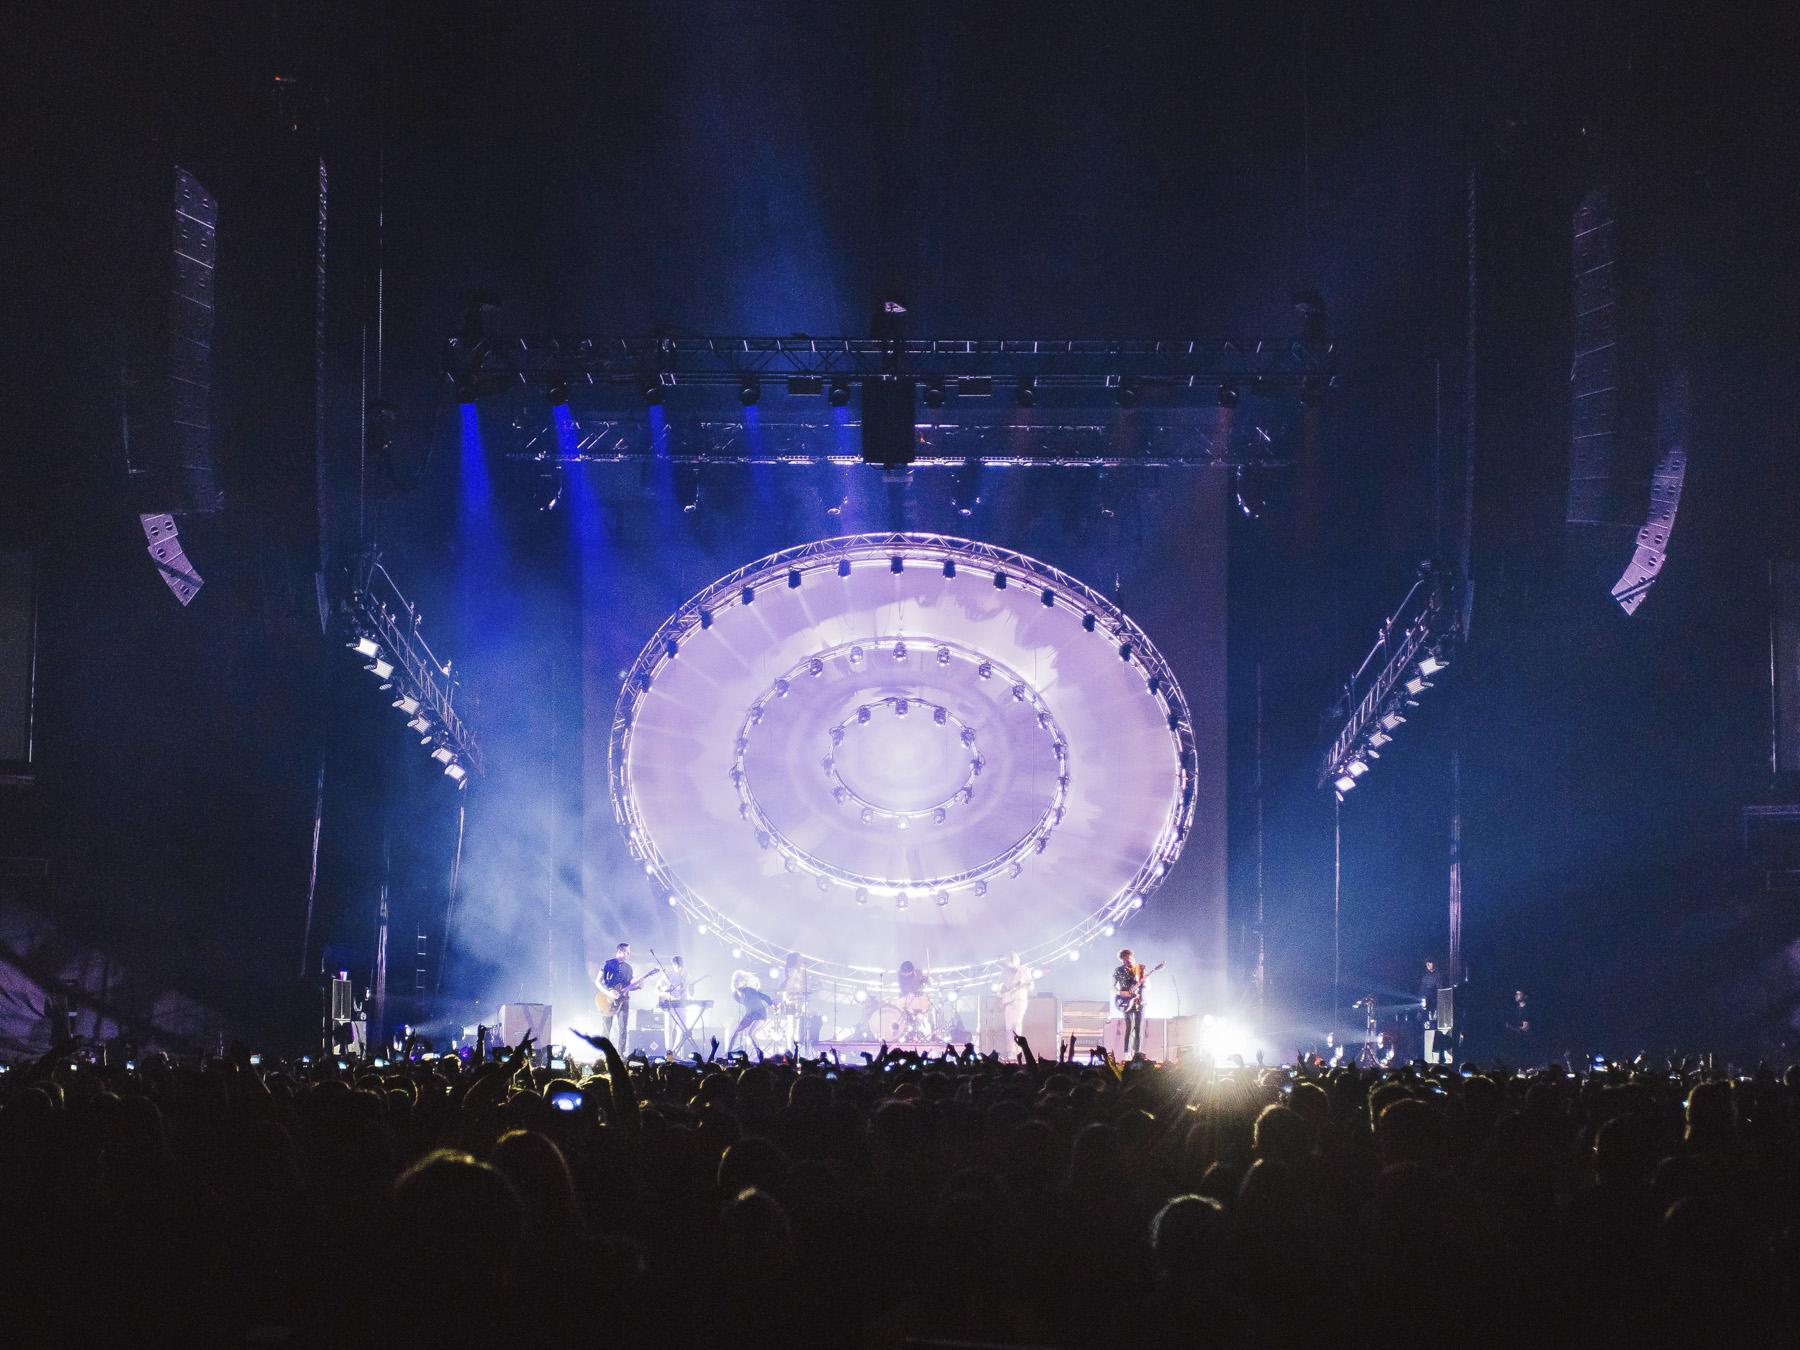 News: Adamson-Lautsprechersysteme auf Paramore Welttournee im Einsatz